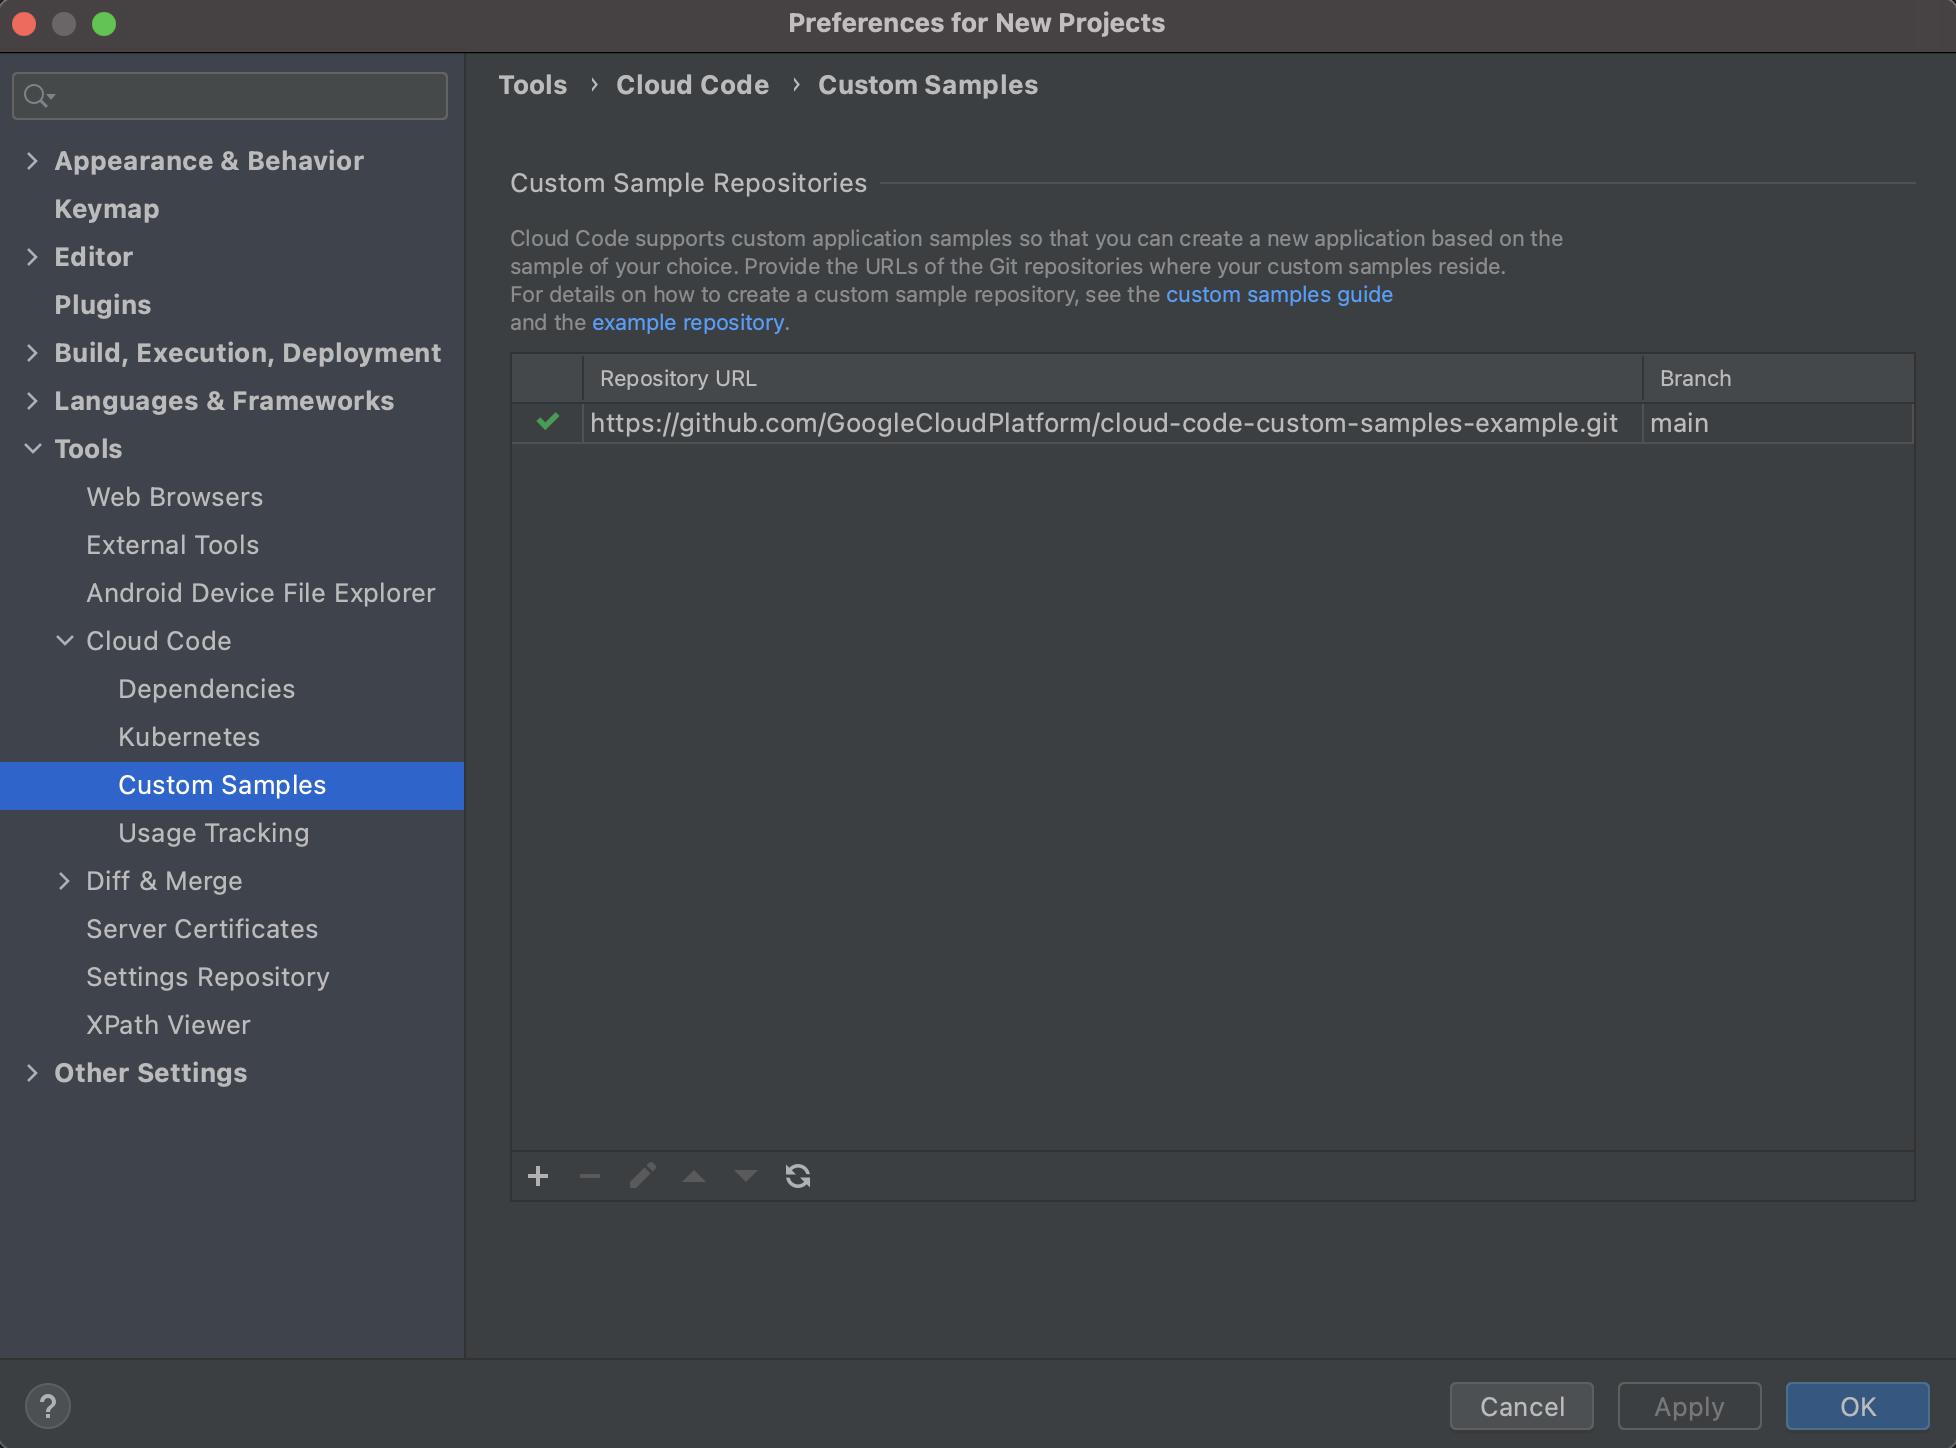 カスタム アプリケーション サンプル リポジトリのページには、新しく追加されたリポジトリが表内に表示され、その横に正常に追加されたことを表す緑色のチェックマークが付きます。